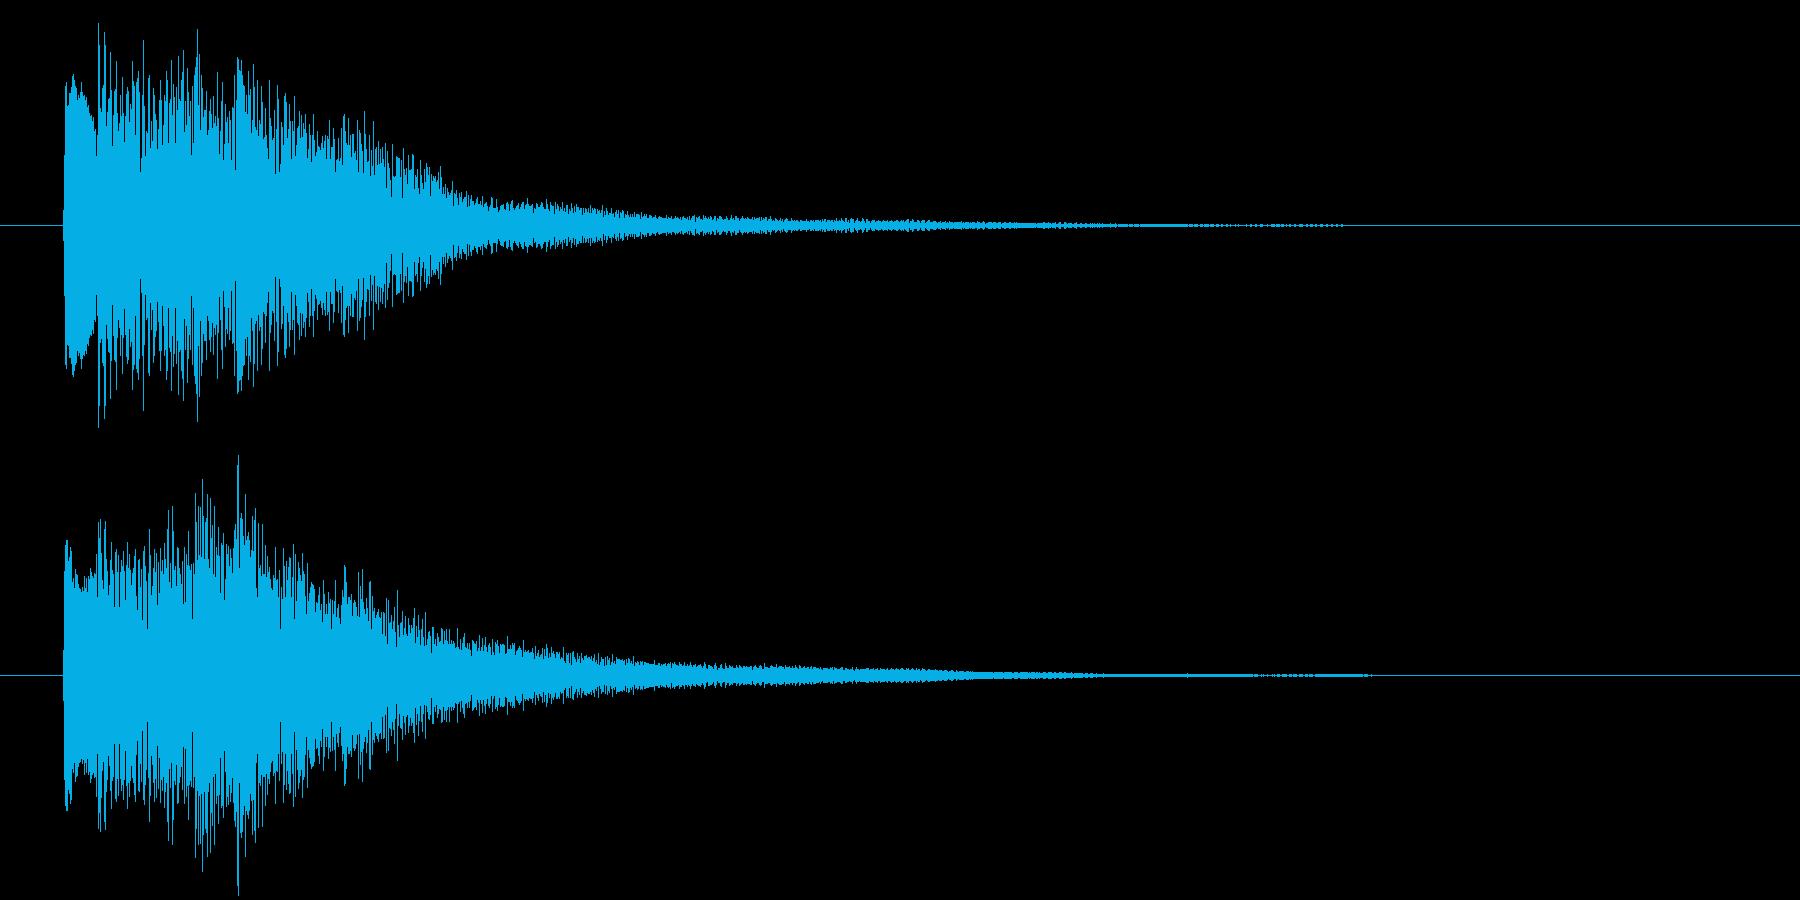 回想や夢の中に入る音 ポロロロンの再生済みの波形